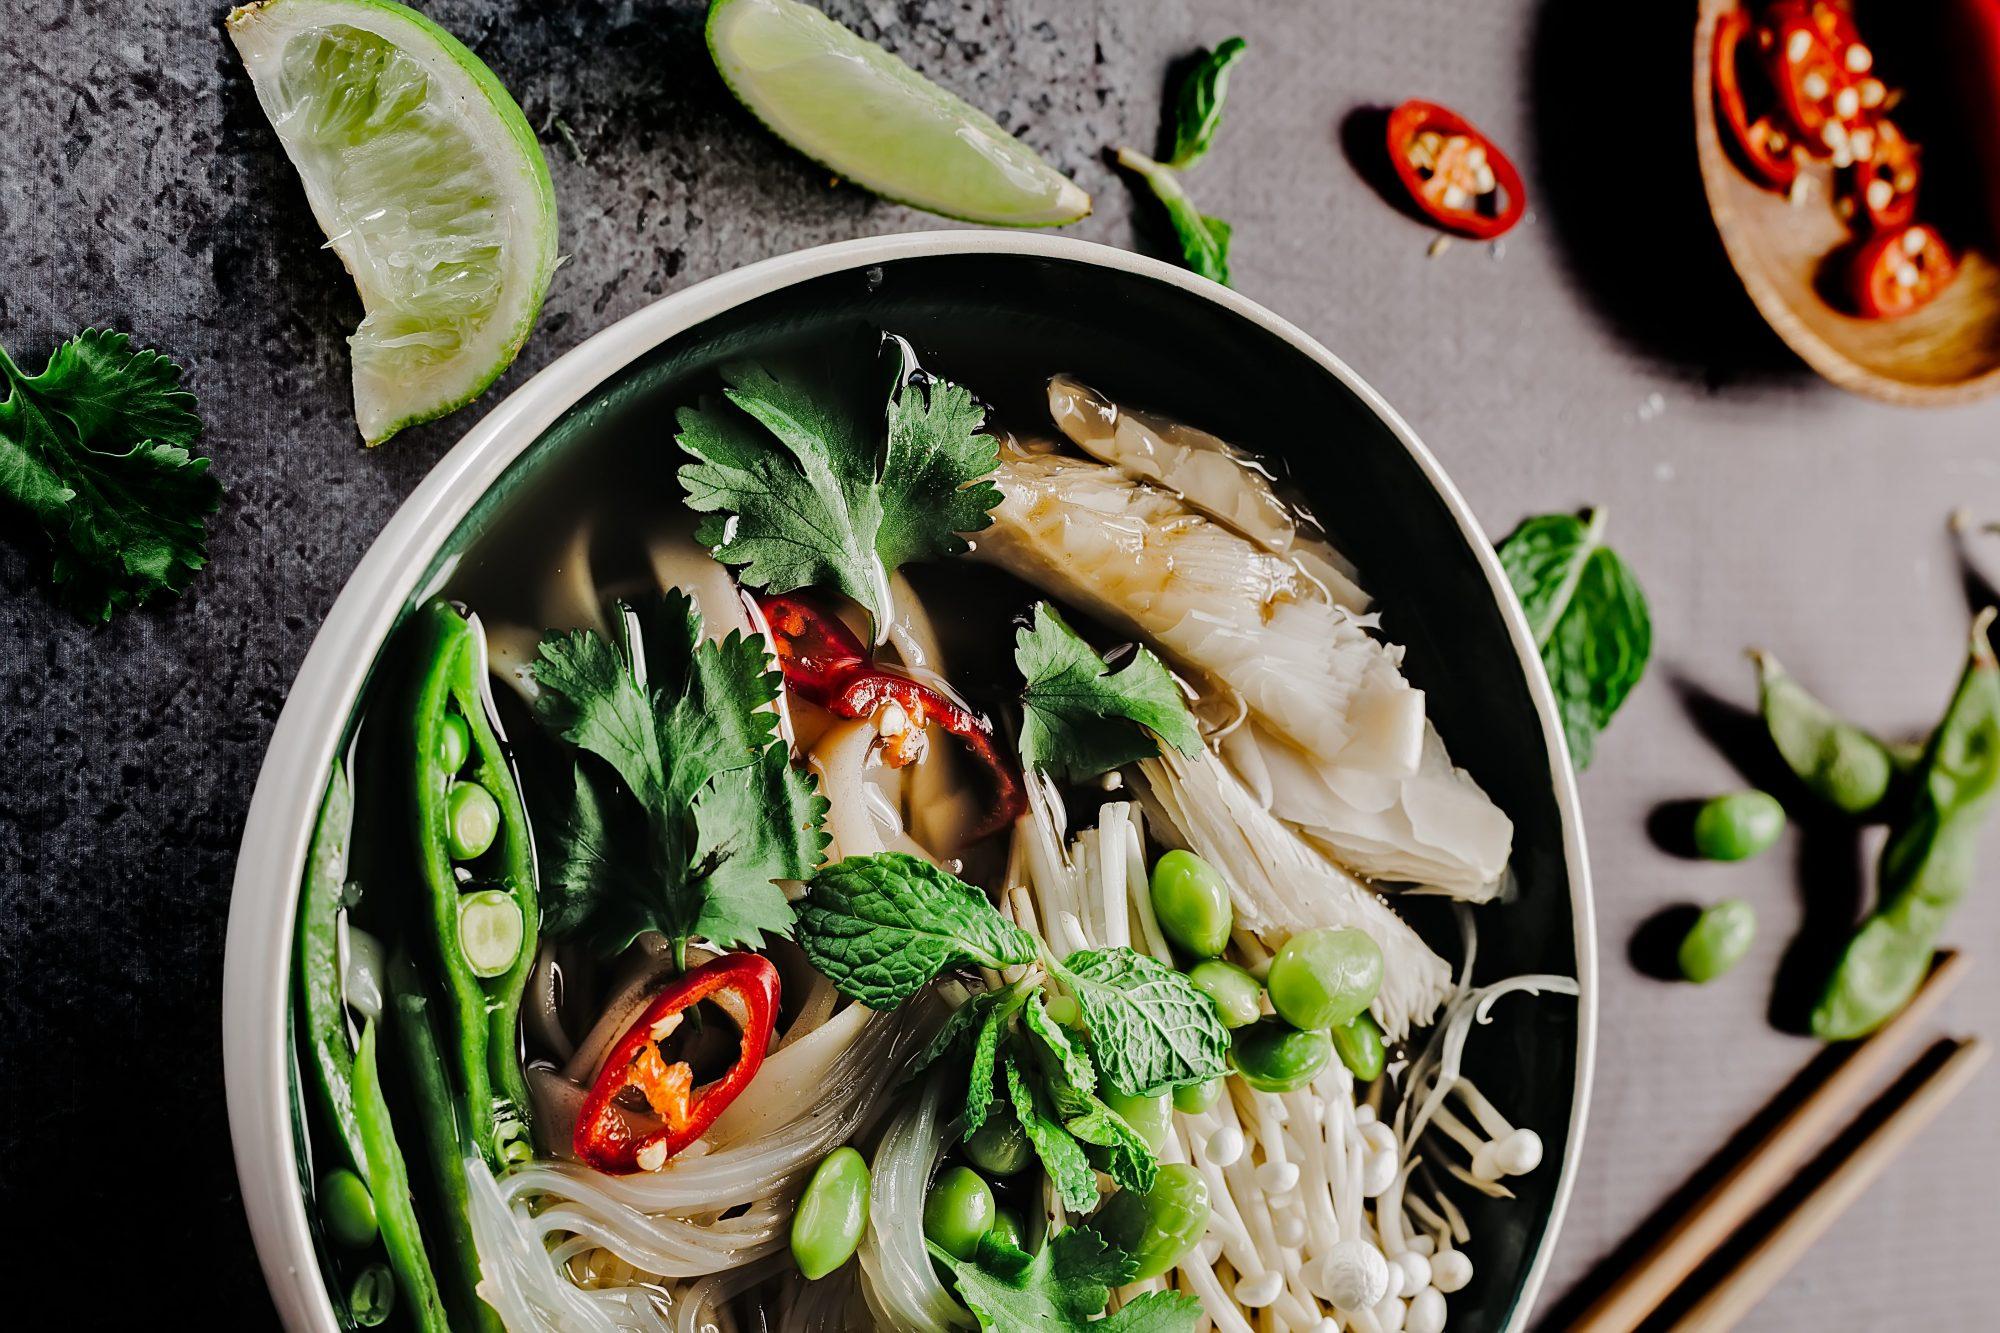 4 φανταστικά Thai εστιατόρια στην καρδιά της Αθήνας που θα μπορούσαμε να πηγαίνουμε και(!) κάθε βράδυ Η ταϊλανδική κουζίνα έχει συναρπαστικές γεύσεις, χρώματα, αρώματα και δεν είναι πάντα καυτερή. Και γι' αυτό την αγαπάμε.